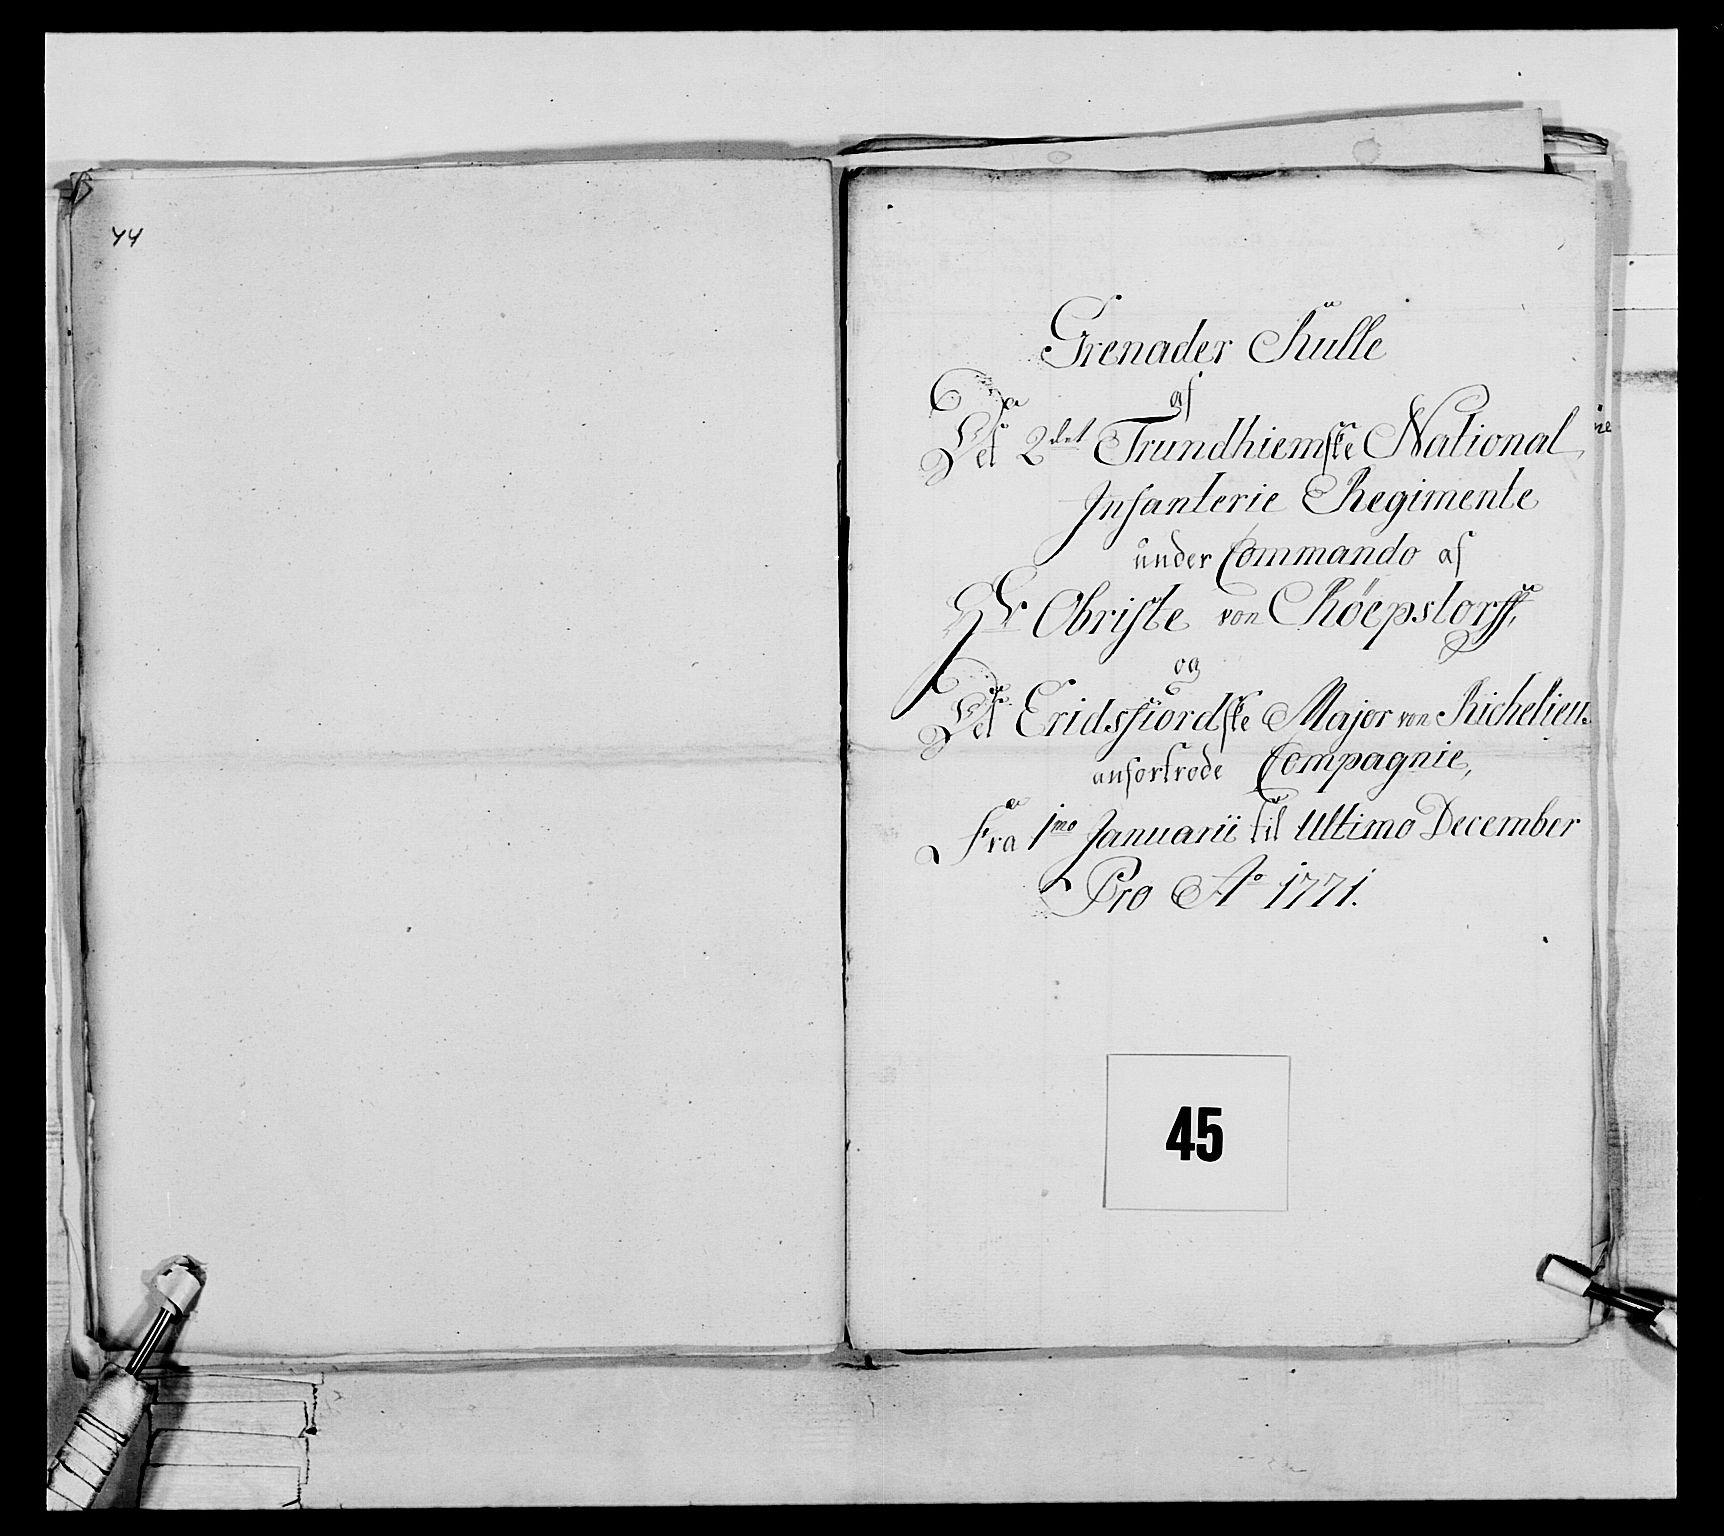 RA, Generalitets- og kommissariatskollegiet, Det kongelige norske kommissariatskollegium, E/Eh/L0076: 2. Trondheimske nasjonale infanteriregiment, 1766-1773, s. 145